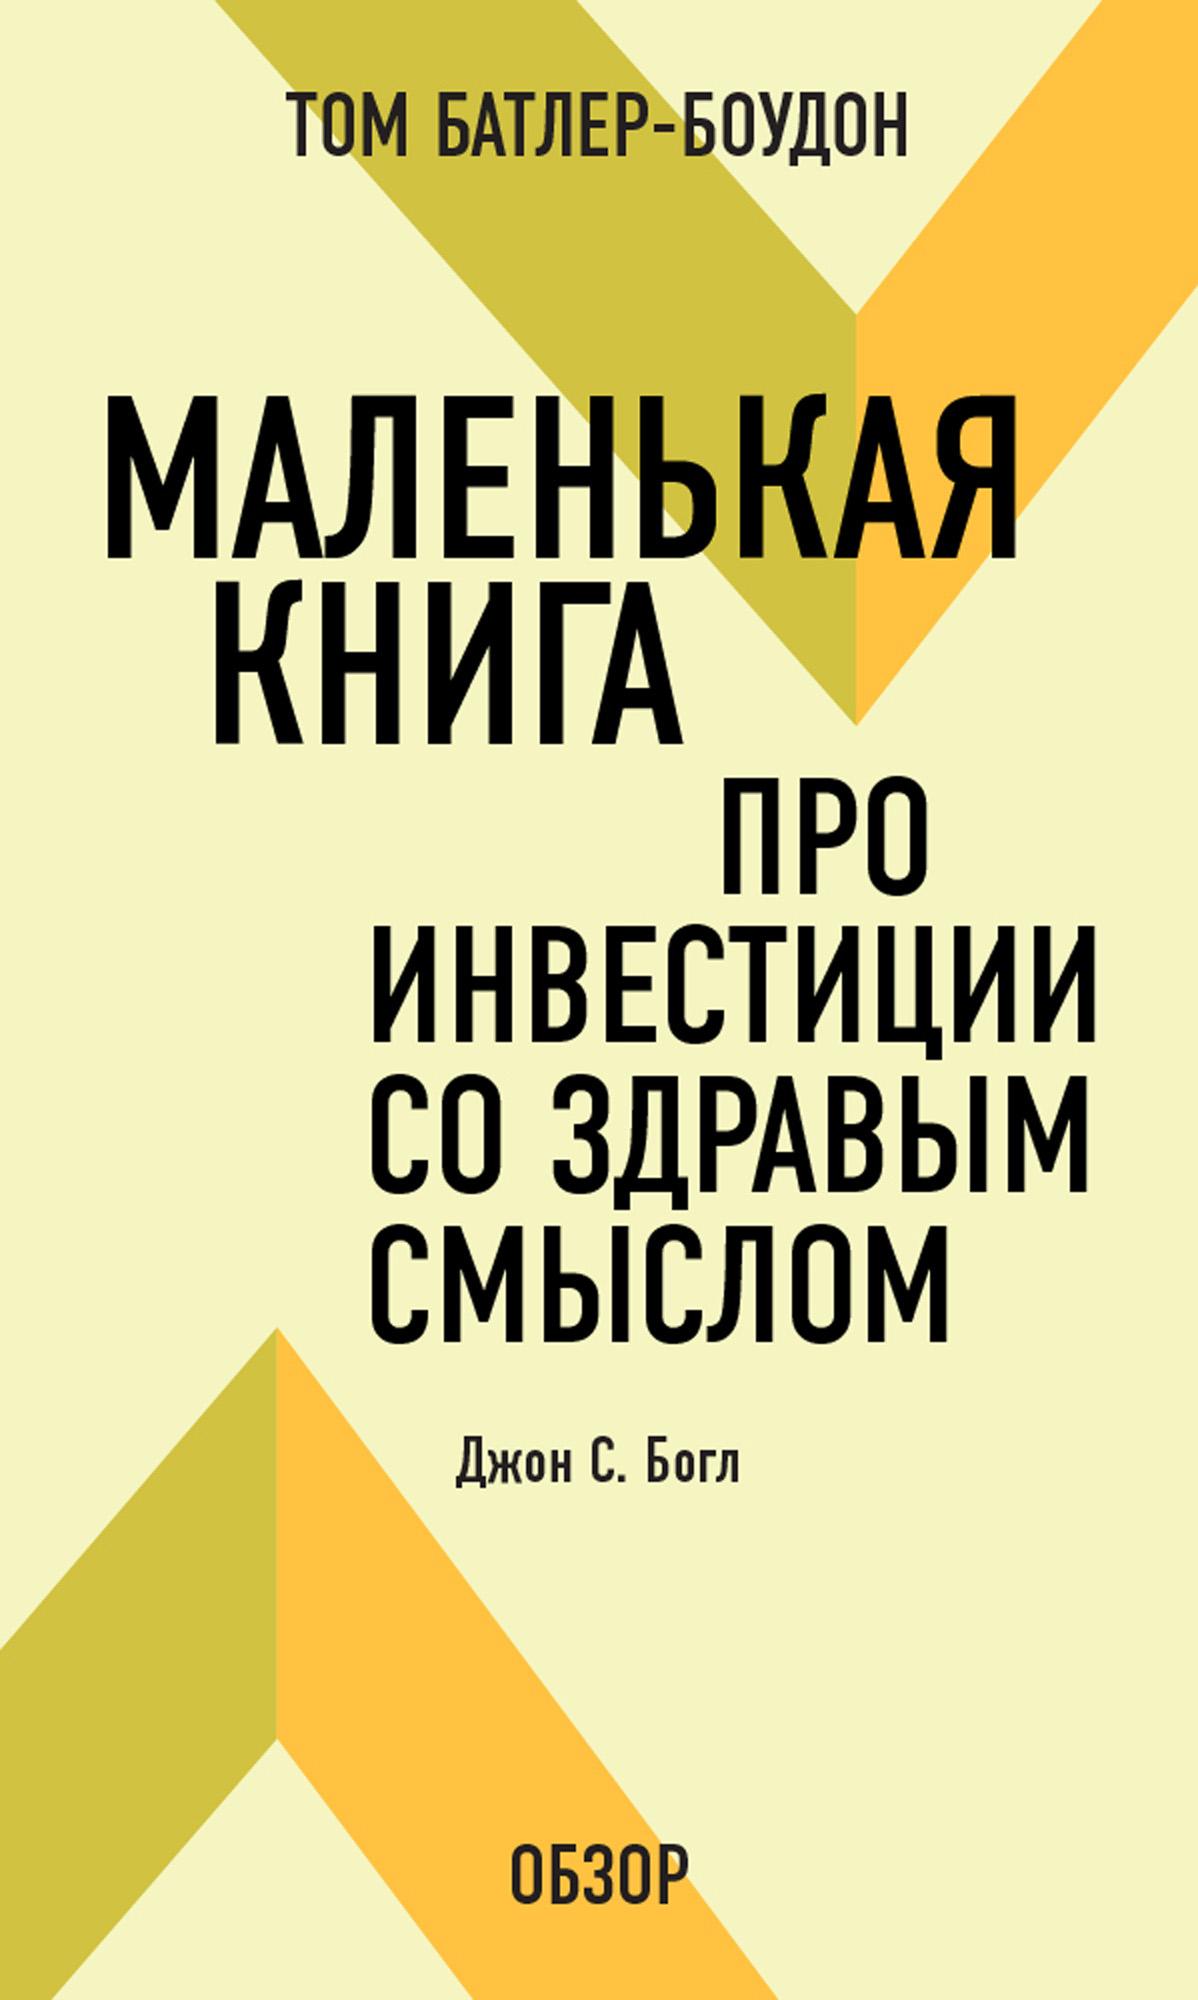 Обложка книги. Автор - Том Батлер-Боудон